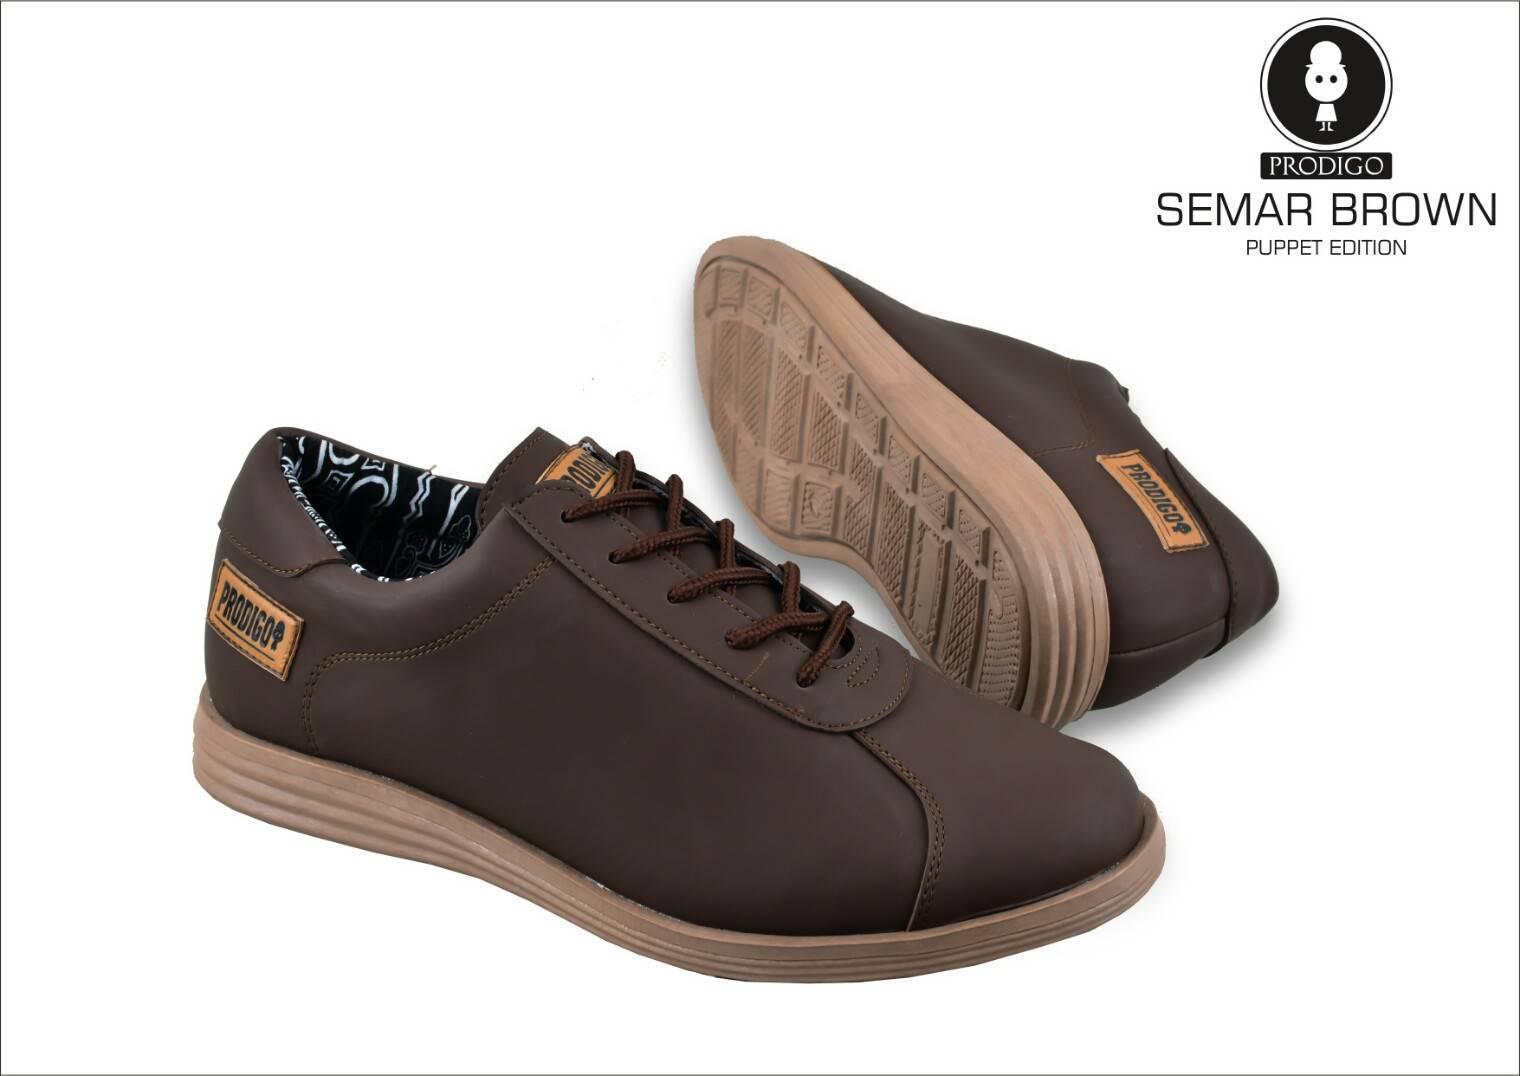 Novalle Wood Printing Wayang Semar Update Harga Terkini Dan Bening Anggise Sepatu Casual Pria Sneackers Prodigo Free Kaos Kaki